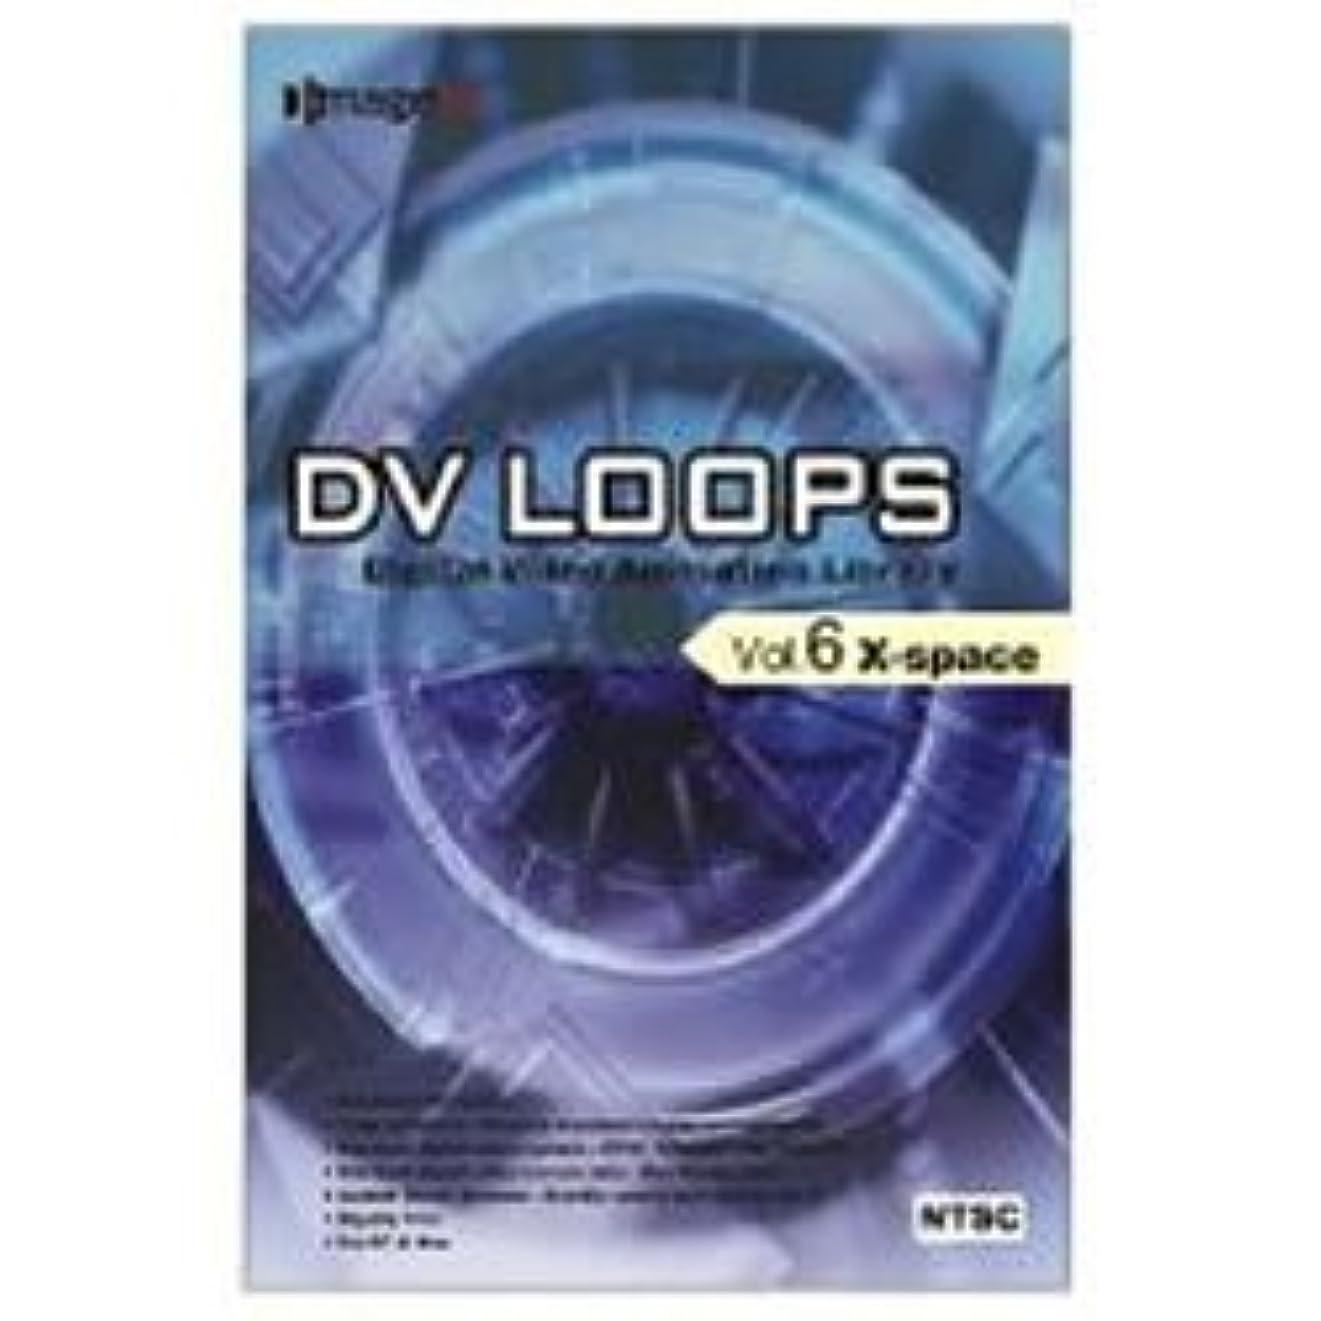 馬鹿普及甥DV LOOPS Vol.6 X-スペース